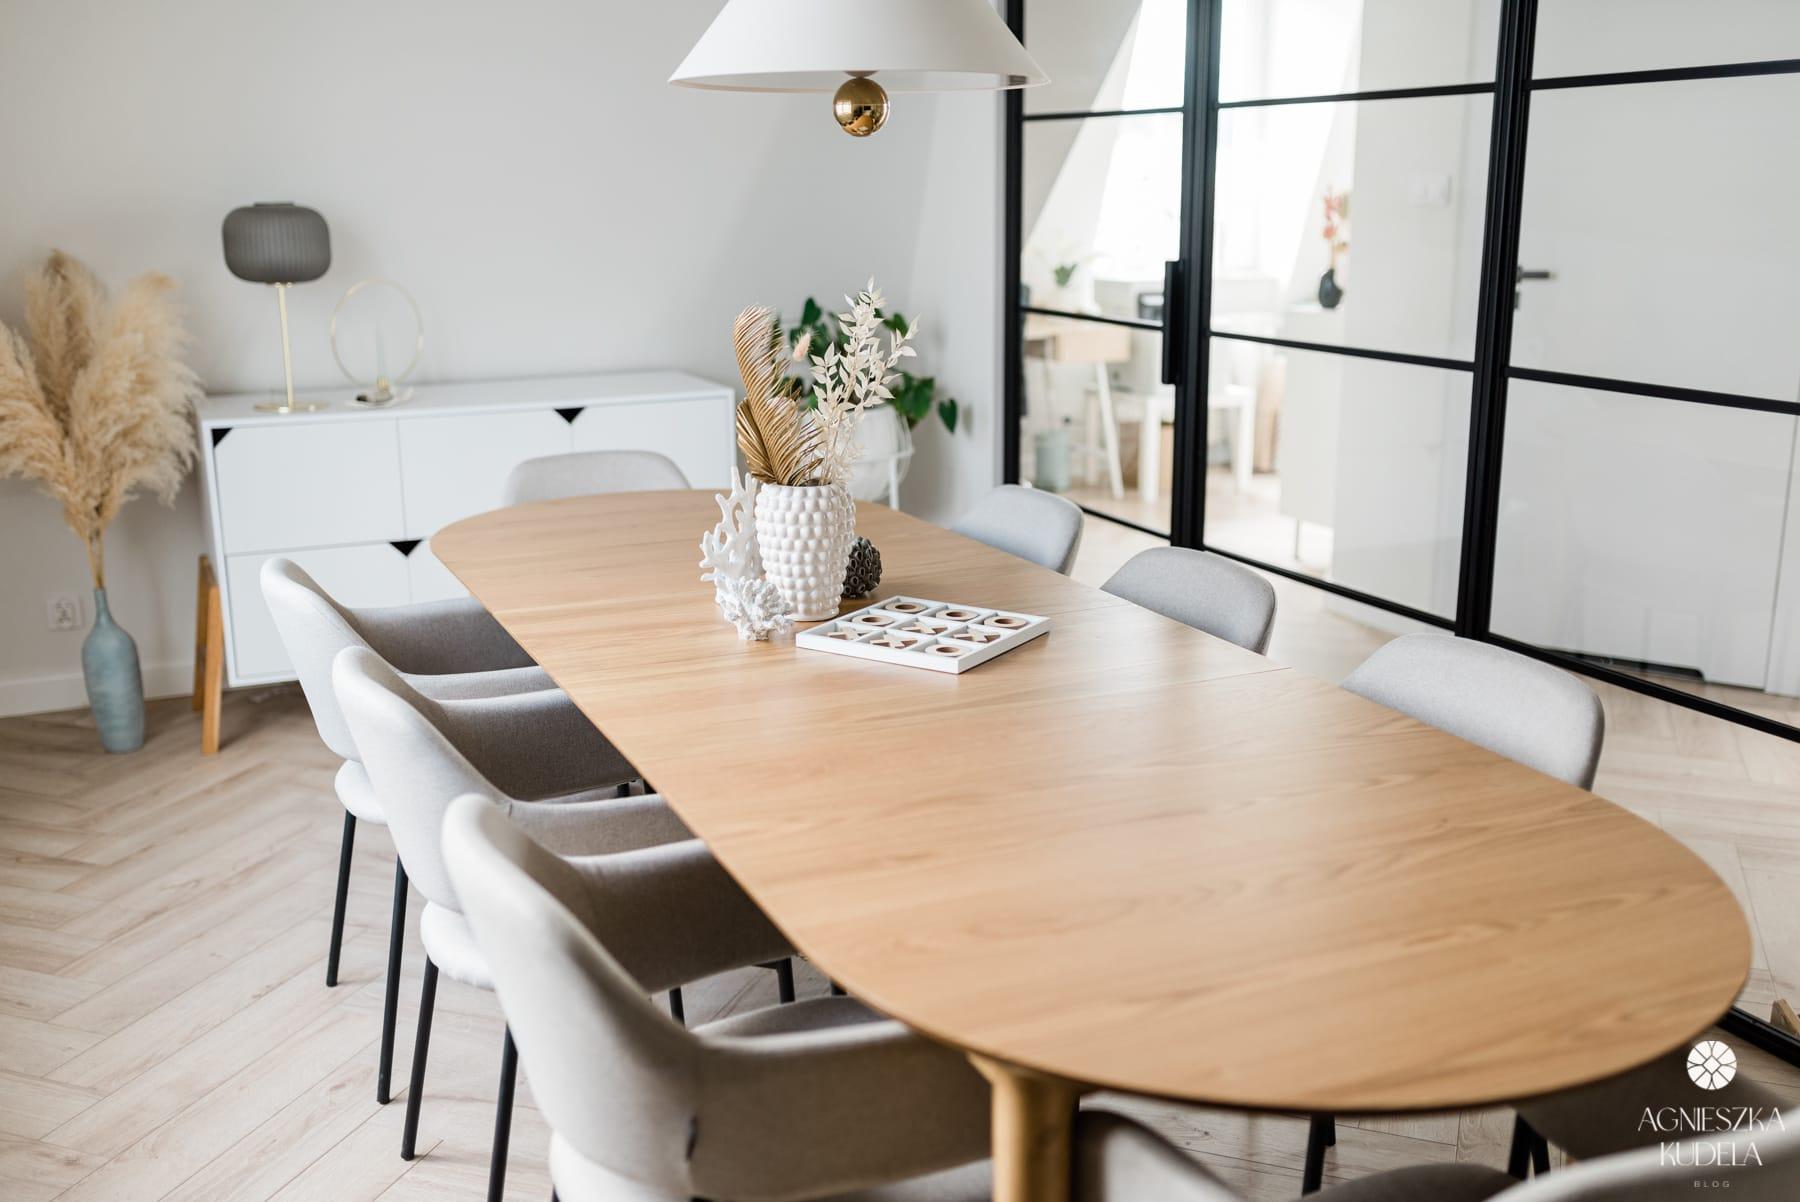 sala konferencyjna stol i krzesla